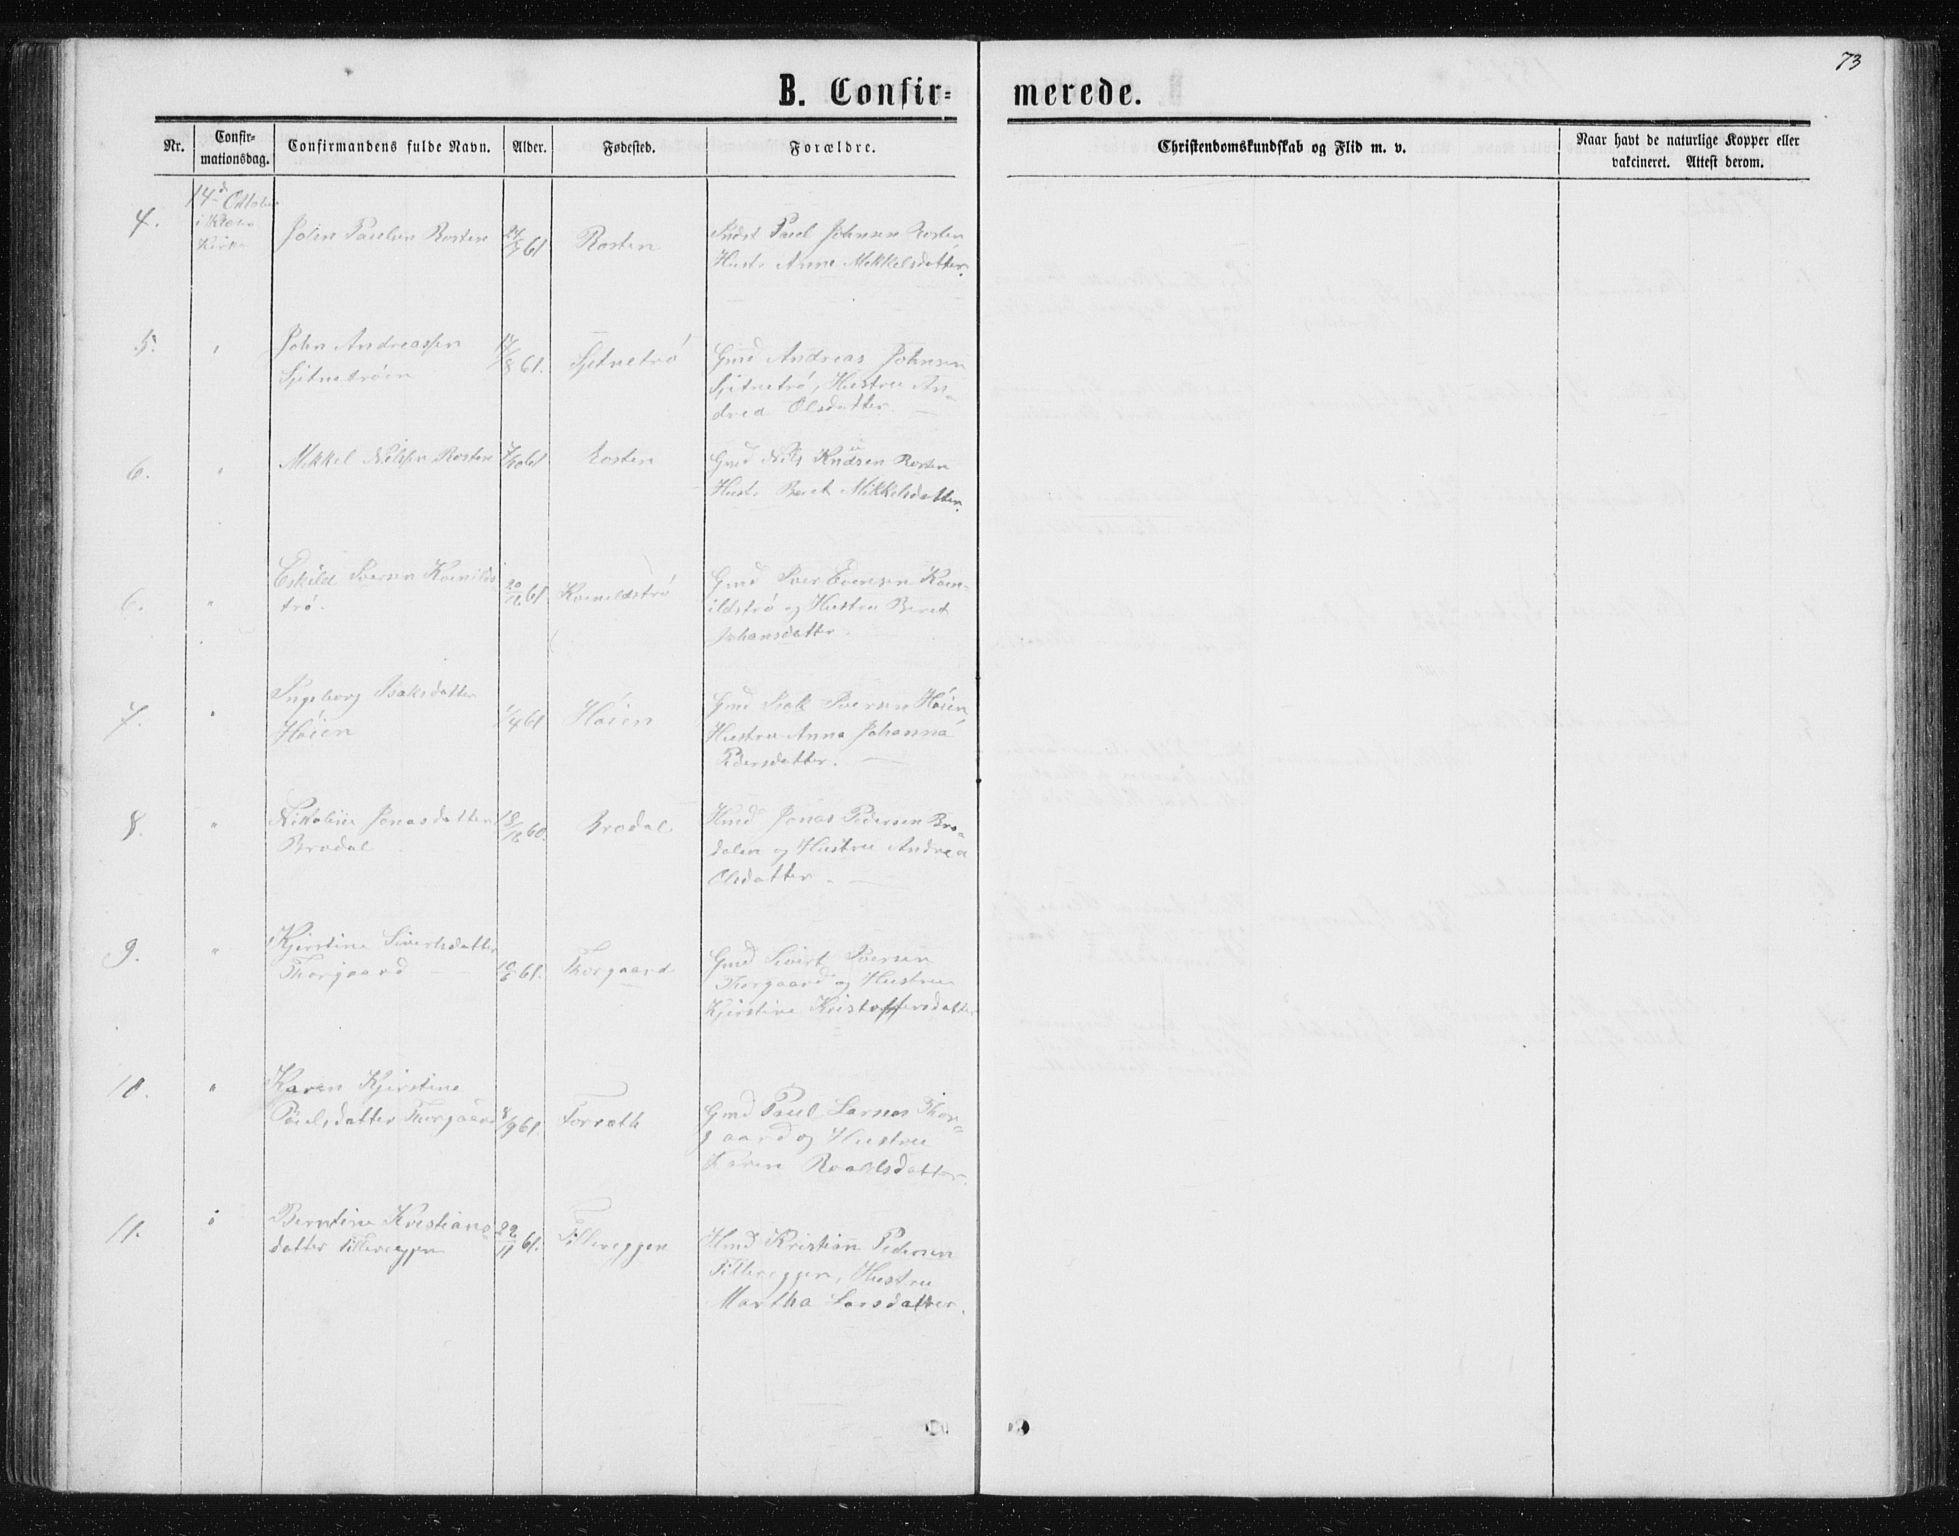 SAT, Ministerialprotokoller, klokkerbøker og fødselsregistre - Sør-Trøndelag, 621/L0459: Klokkerbok nr. 621C02, 1866-1895, s. 73